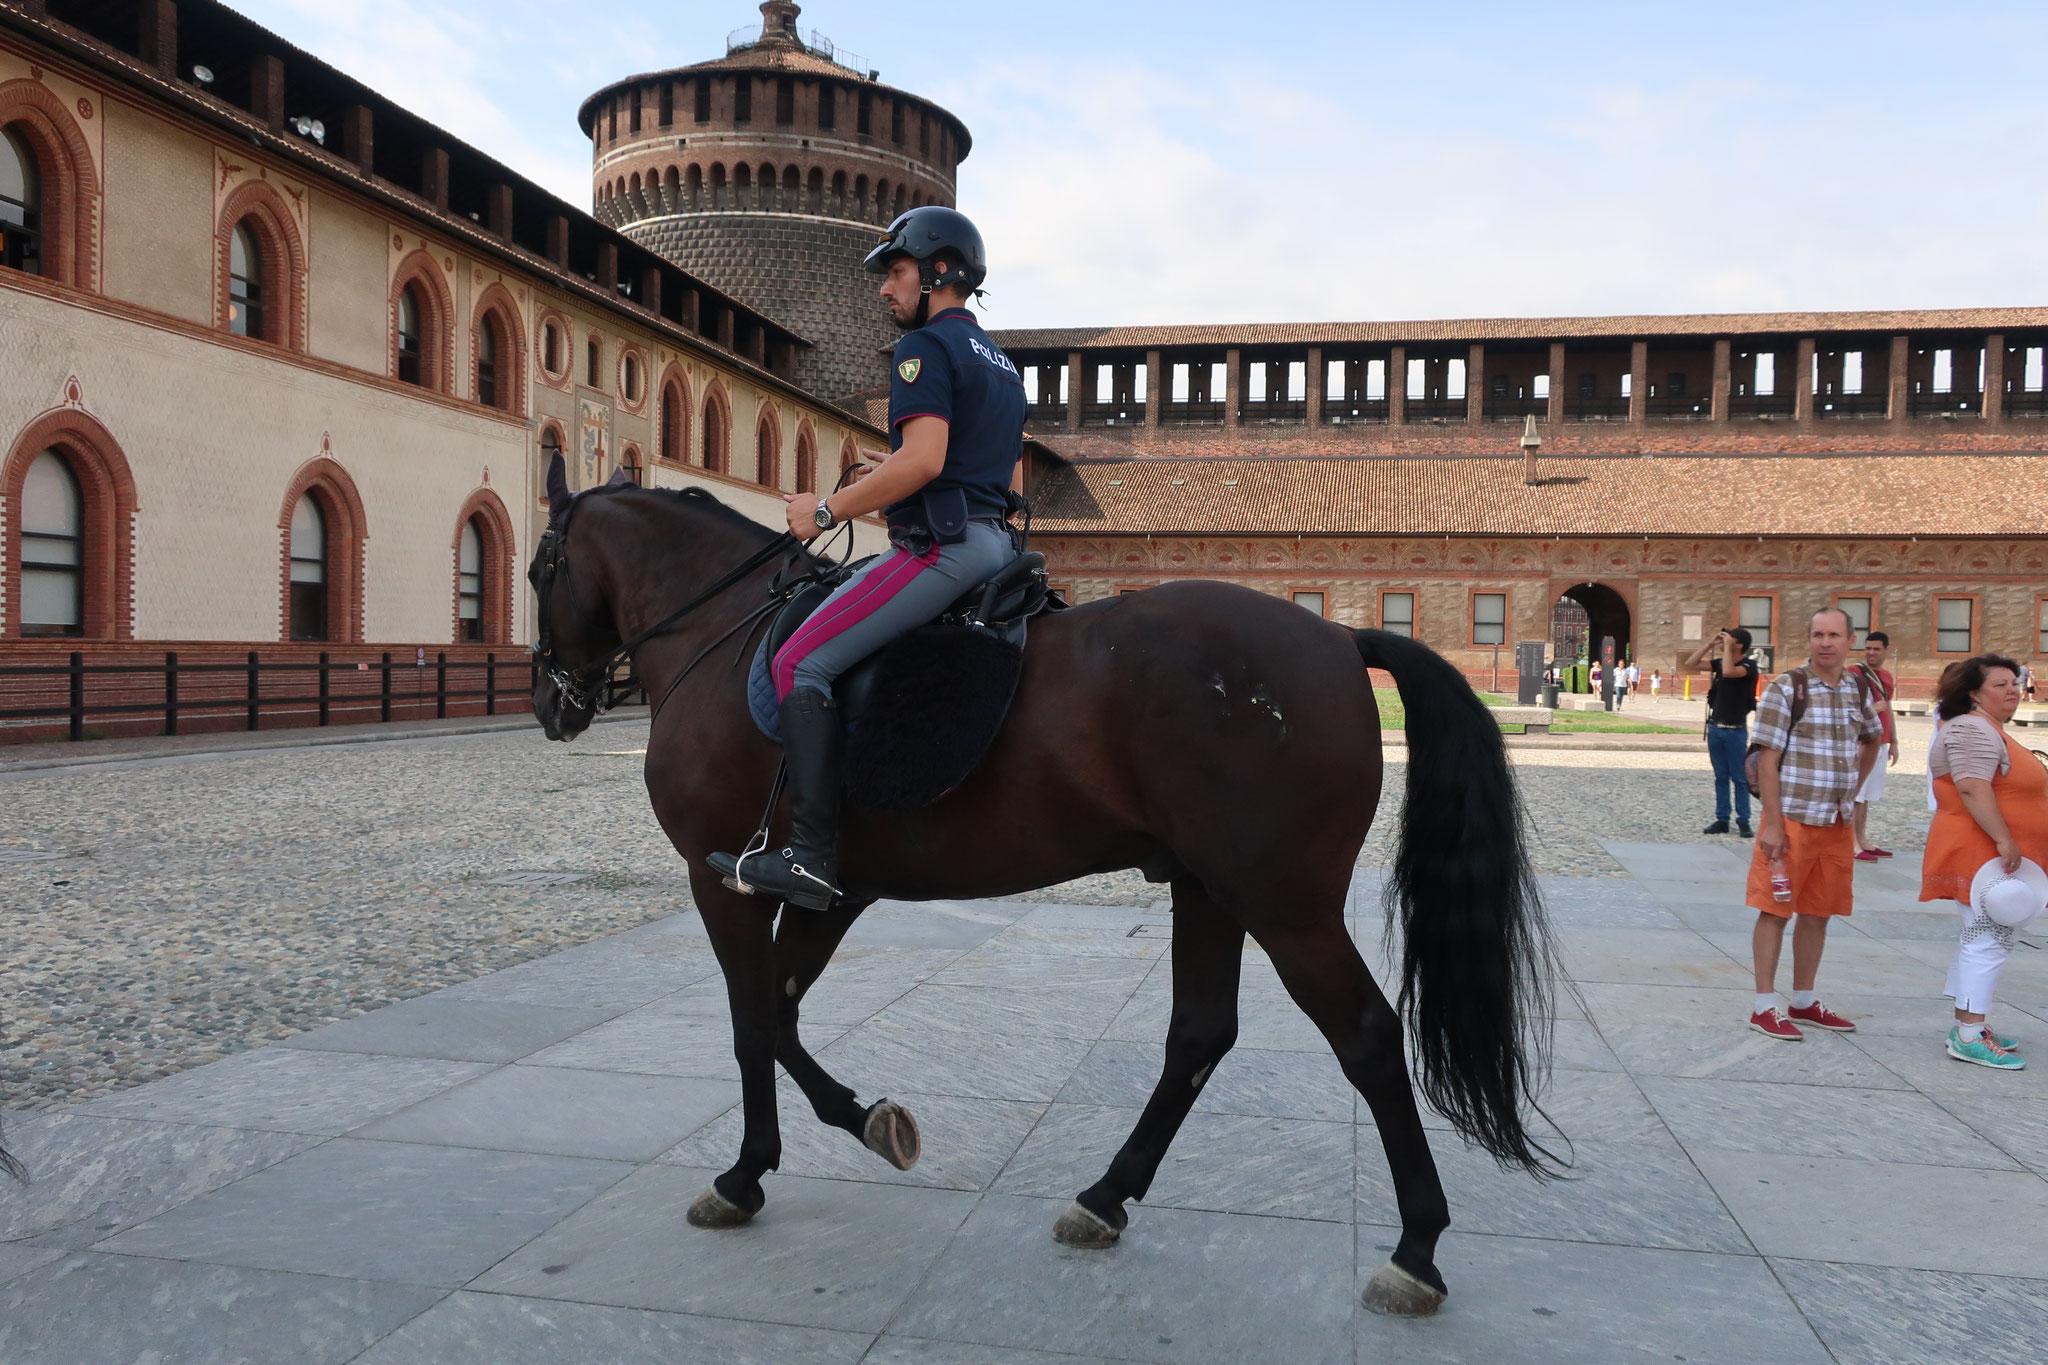 かつての領主ヴィスコンティ家の城跡にフランチェスコ・スフォルツァ公爵が1466年に建築しました。